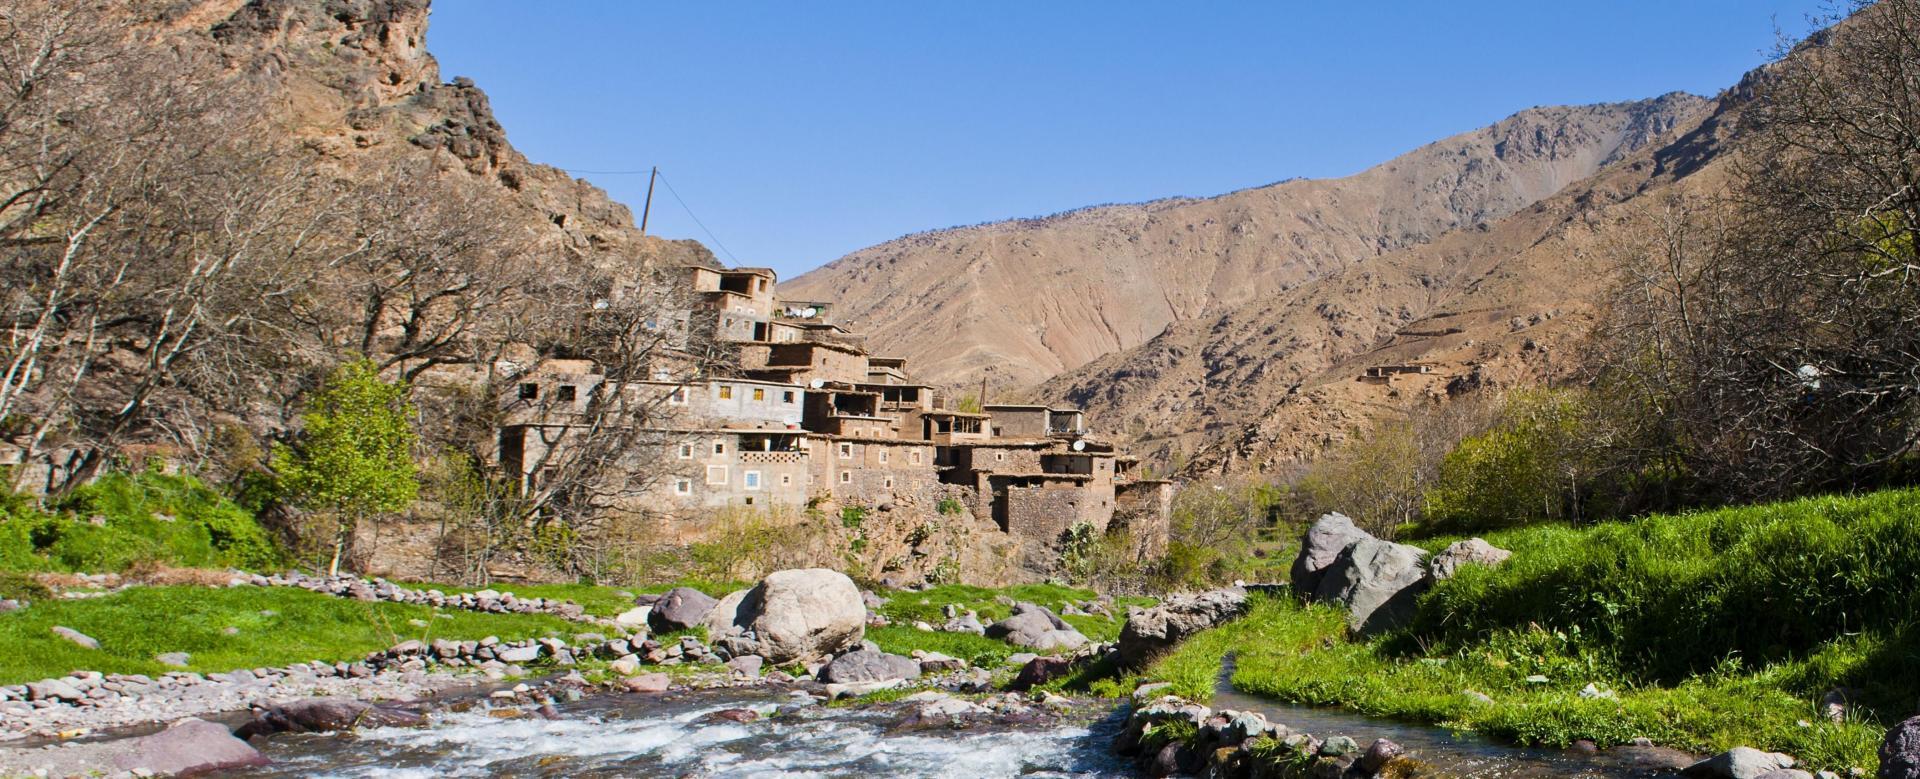 Voyage à pied : Maroc : Des villages berbères à l'atlantique